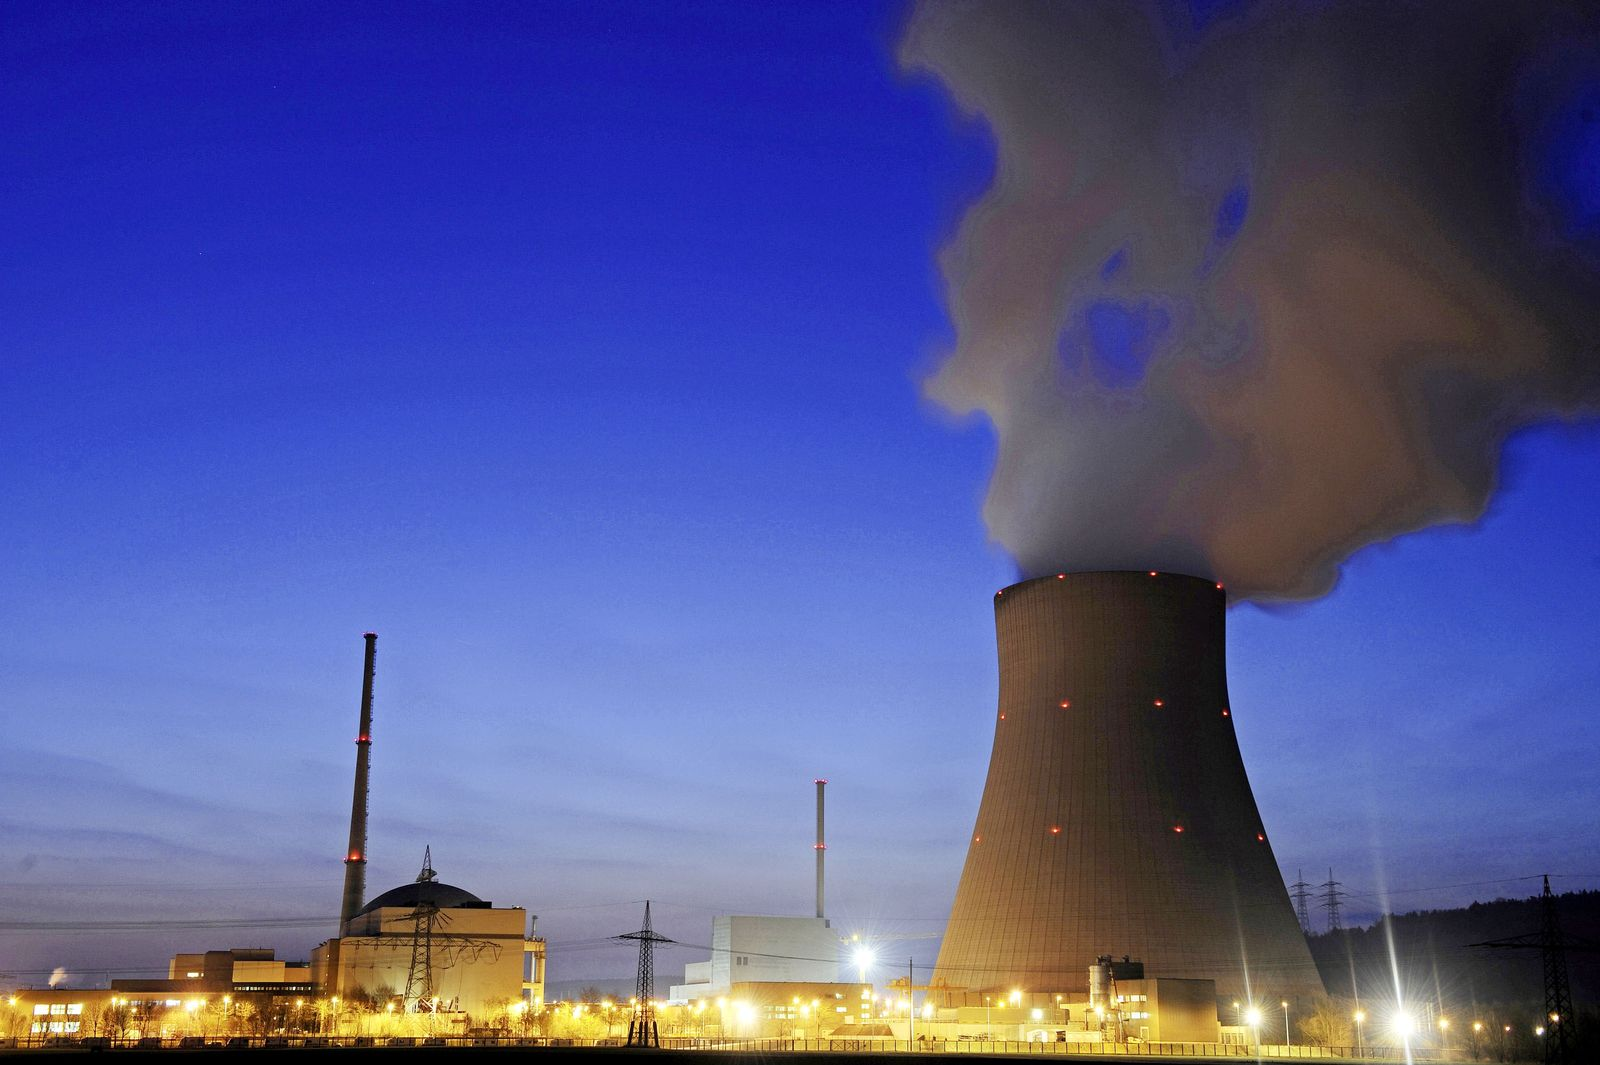 Eon / Kernkraftwerke / Isar / AKW